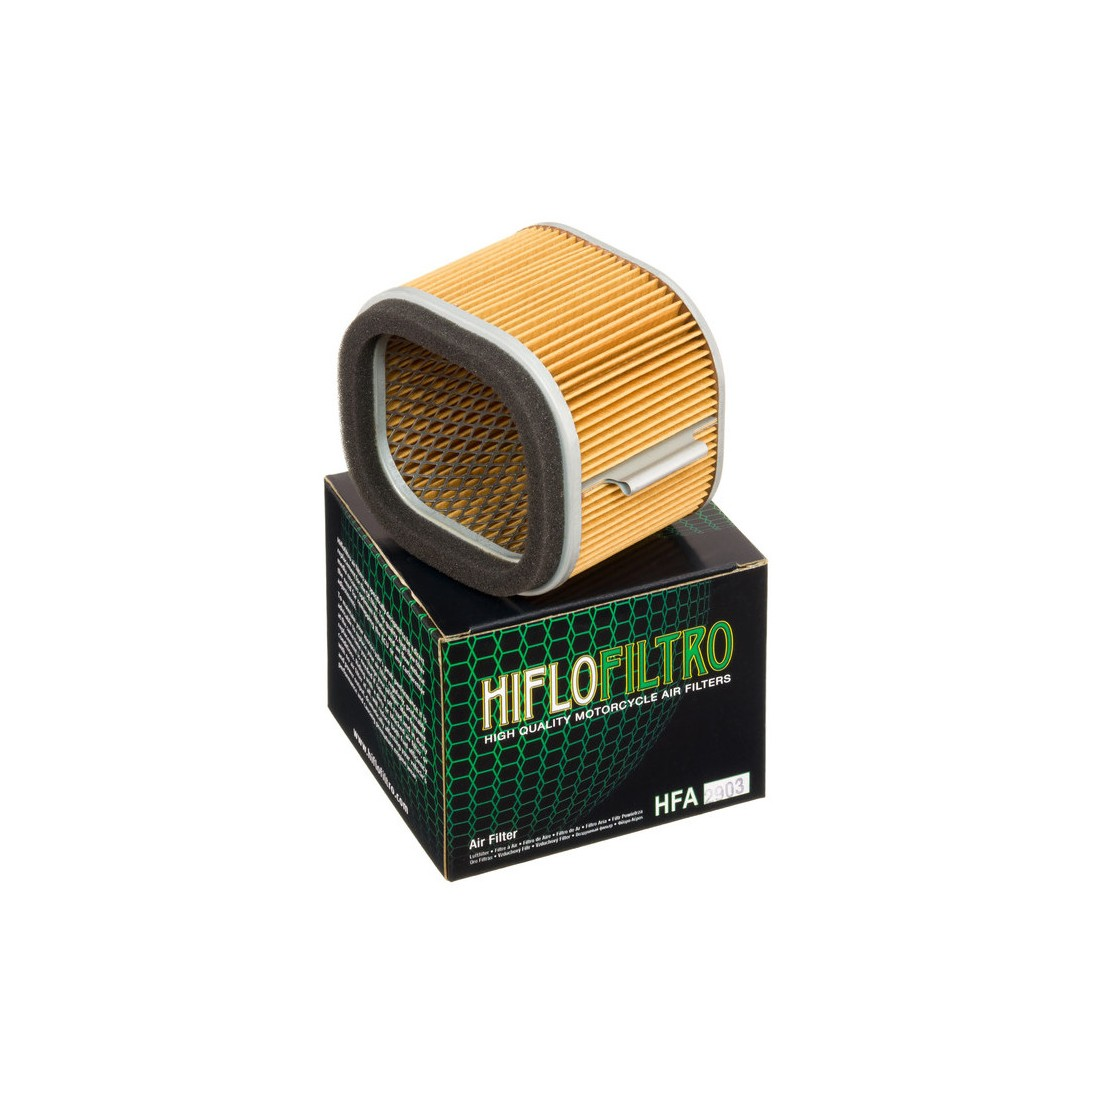 Filtro Aire Hiflofiltro HFA2903